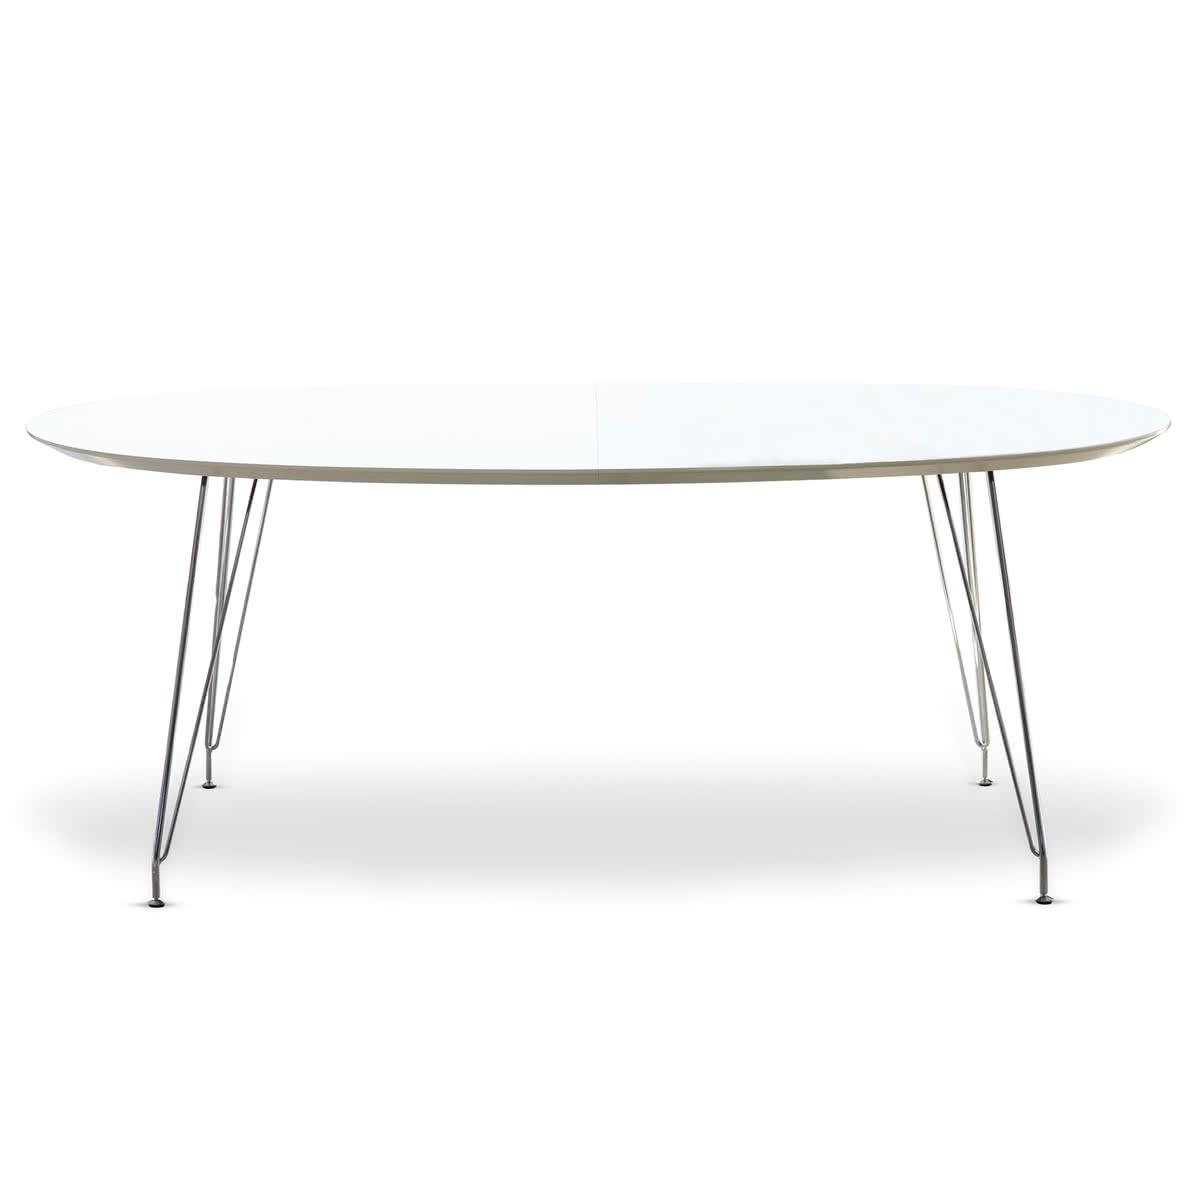 Full Size of Ovaler Esstisch Dk10 Von Andersen Furniture Und Stühle Mit 4 Stühlen Günstig Massivholz Massiv Ausziehbar Shabby Designer Lampen Groß Holzplatte Esstische Ovaler Esstisch